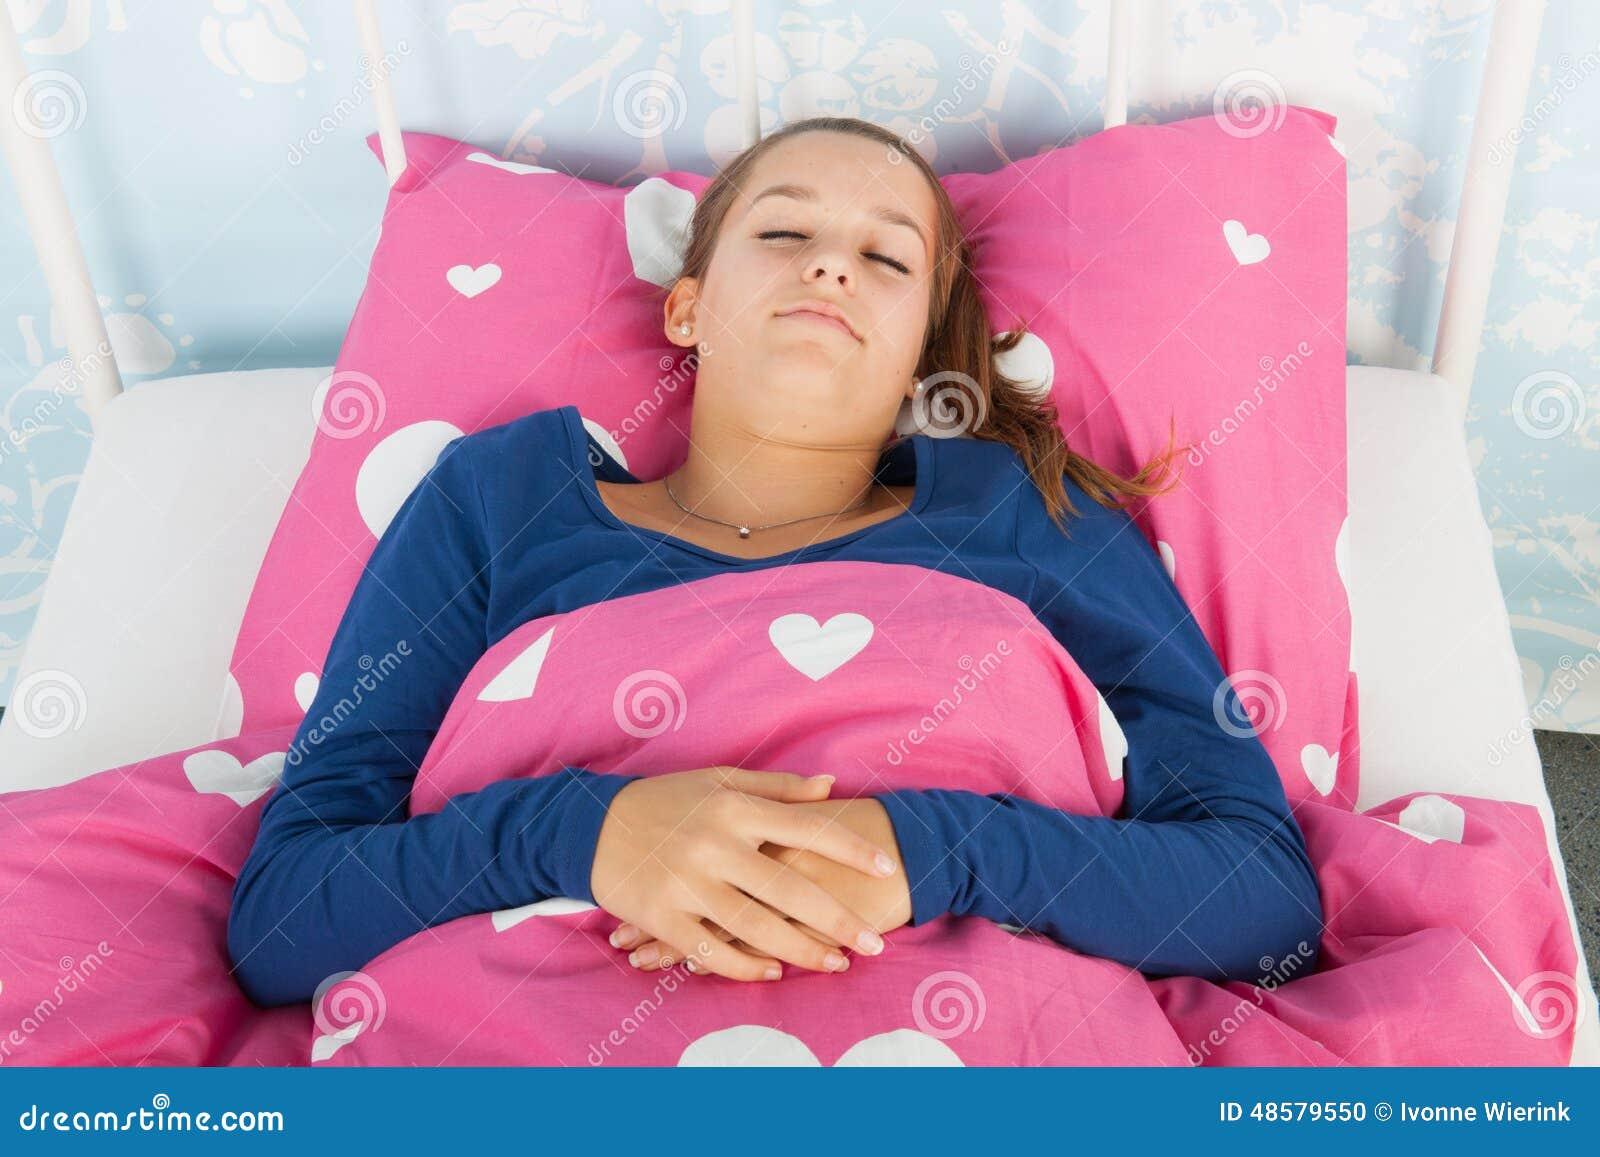 Of teen girls major sleep